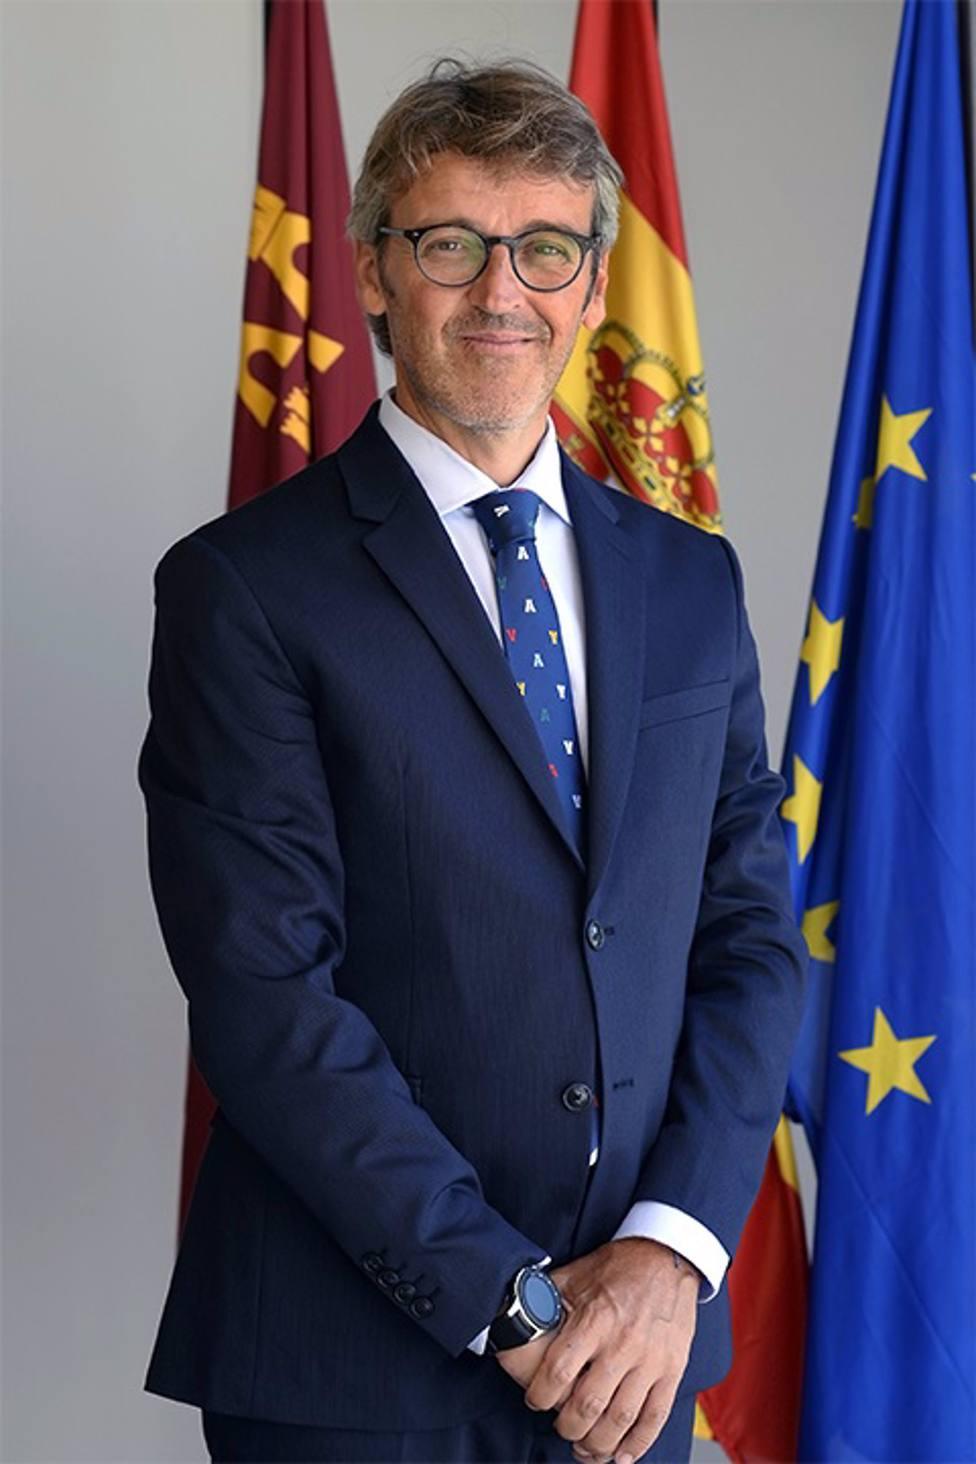 Luis Alberto Marín, nombrado nuevo consejero de Economía, Hacienda y Administración Digital